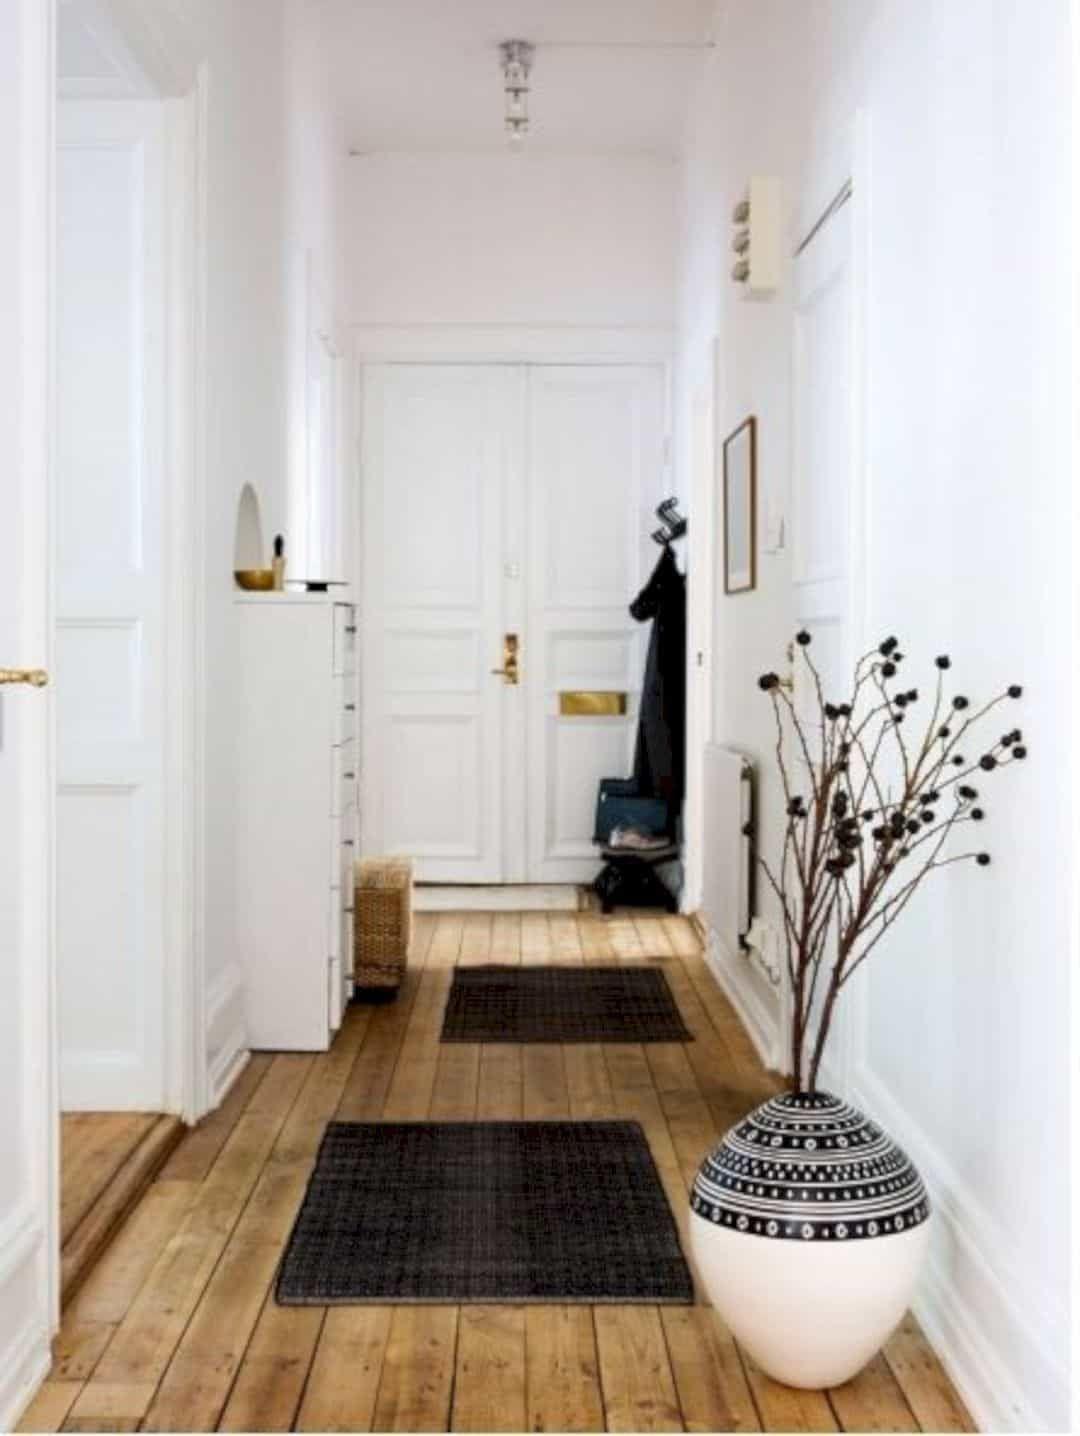 15 Economical Interior Design Ideas To Save Your Budget Home